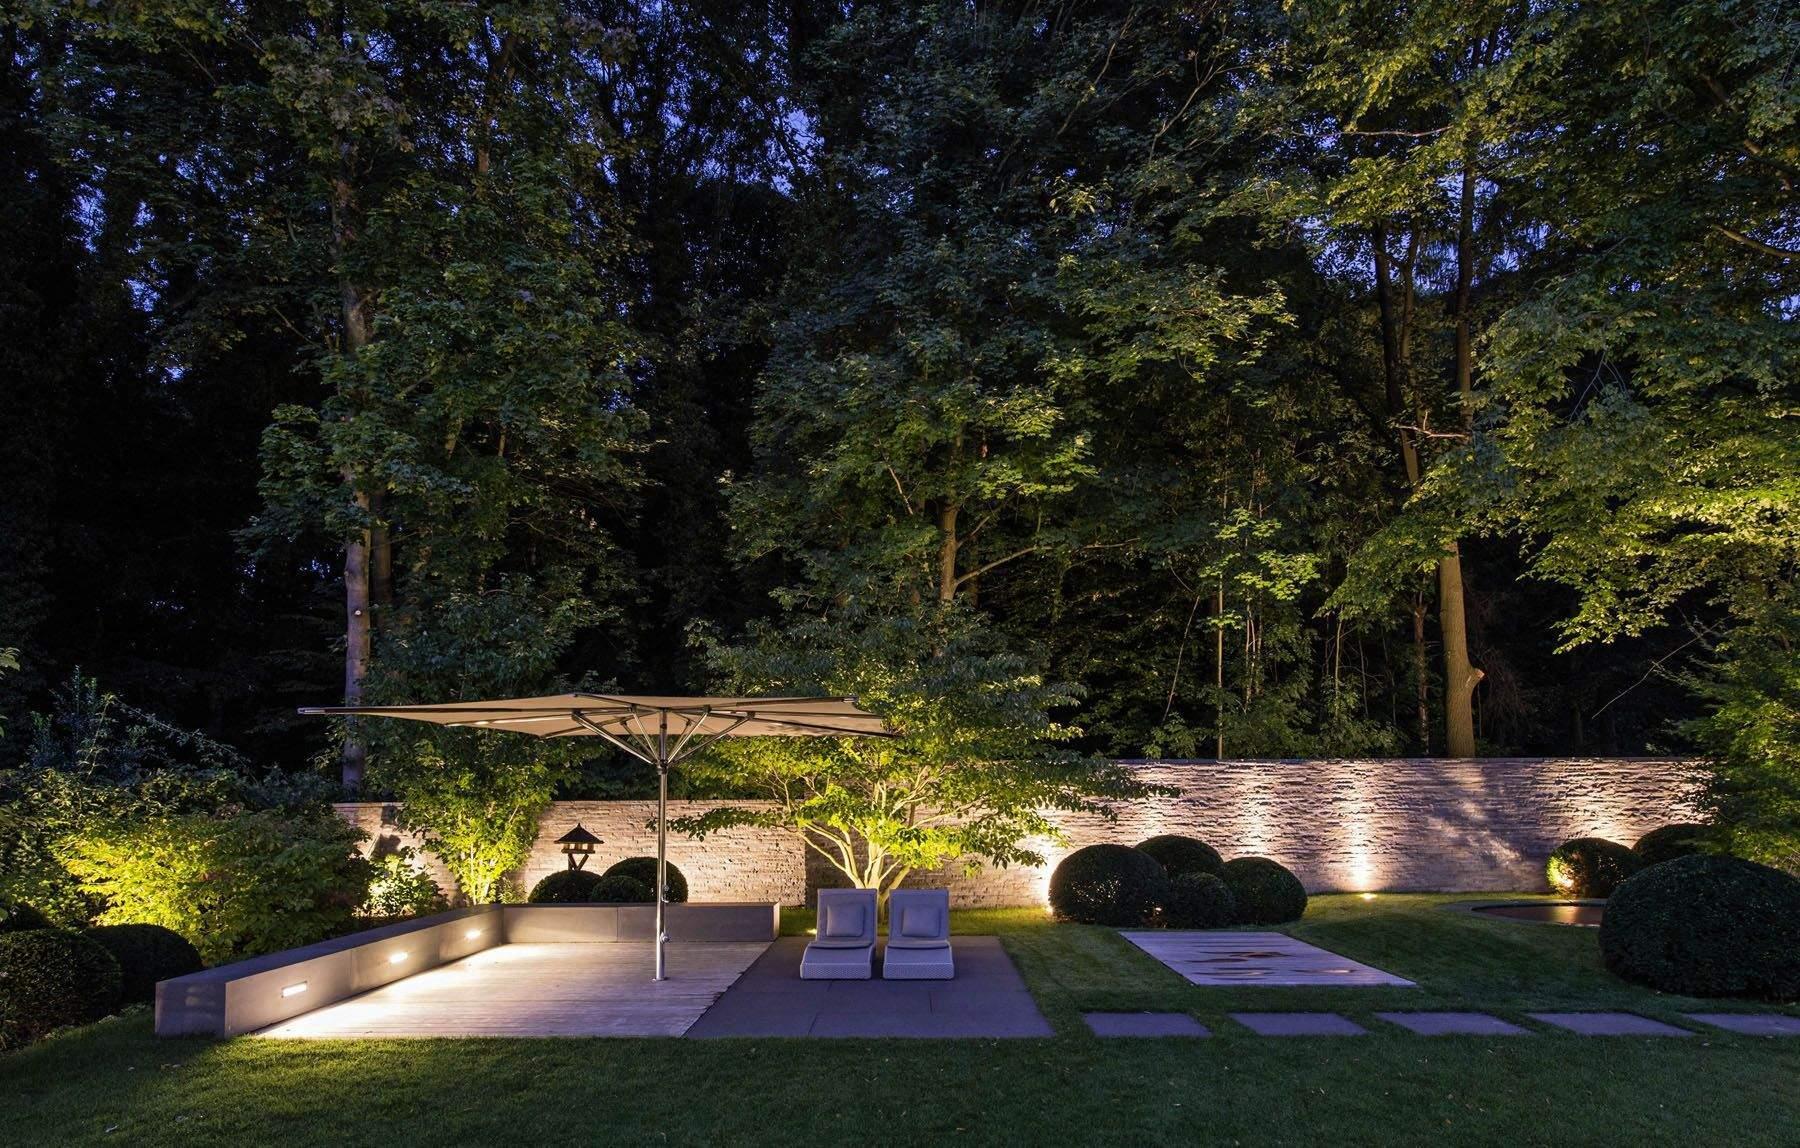 Garten Und Landschaftsbau Berlin Inspirierend 29 Das Beste Von Licht Garten Schön